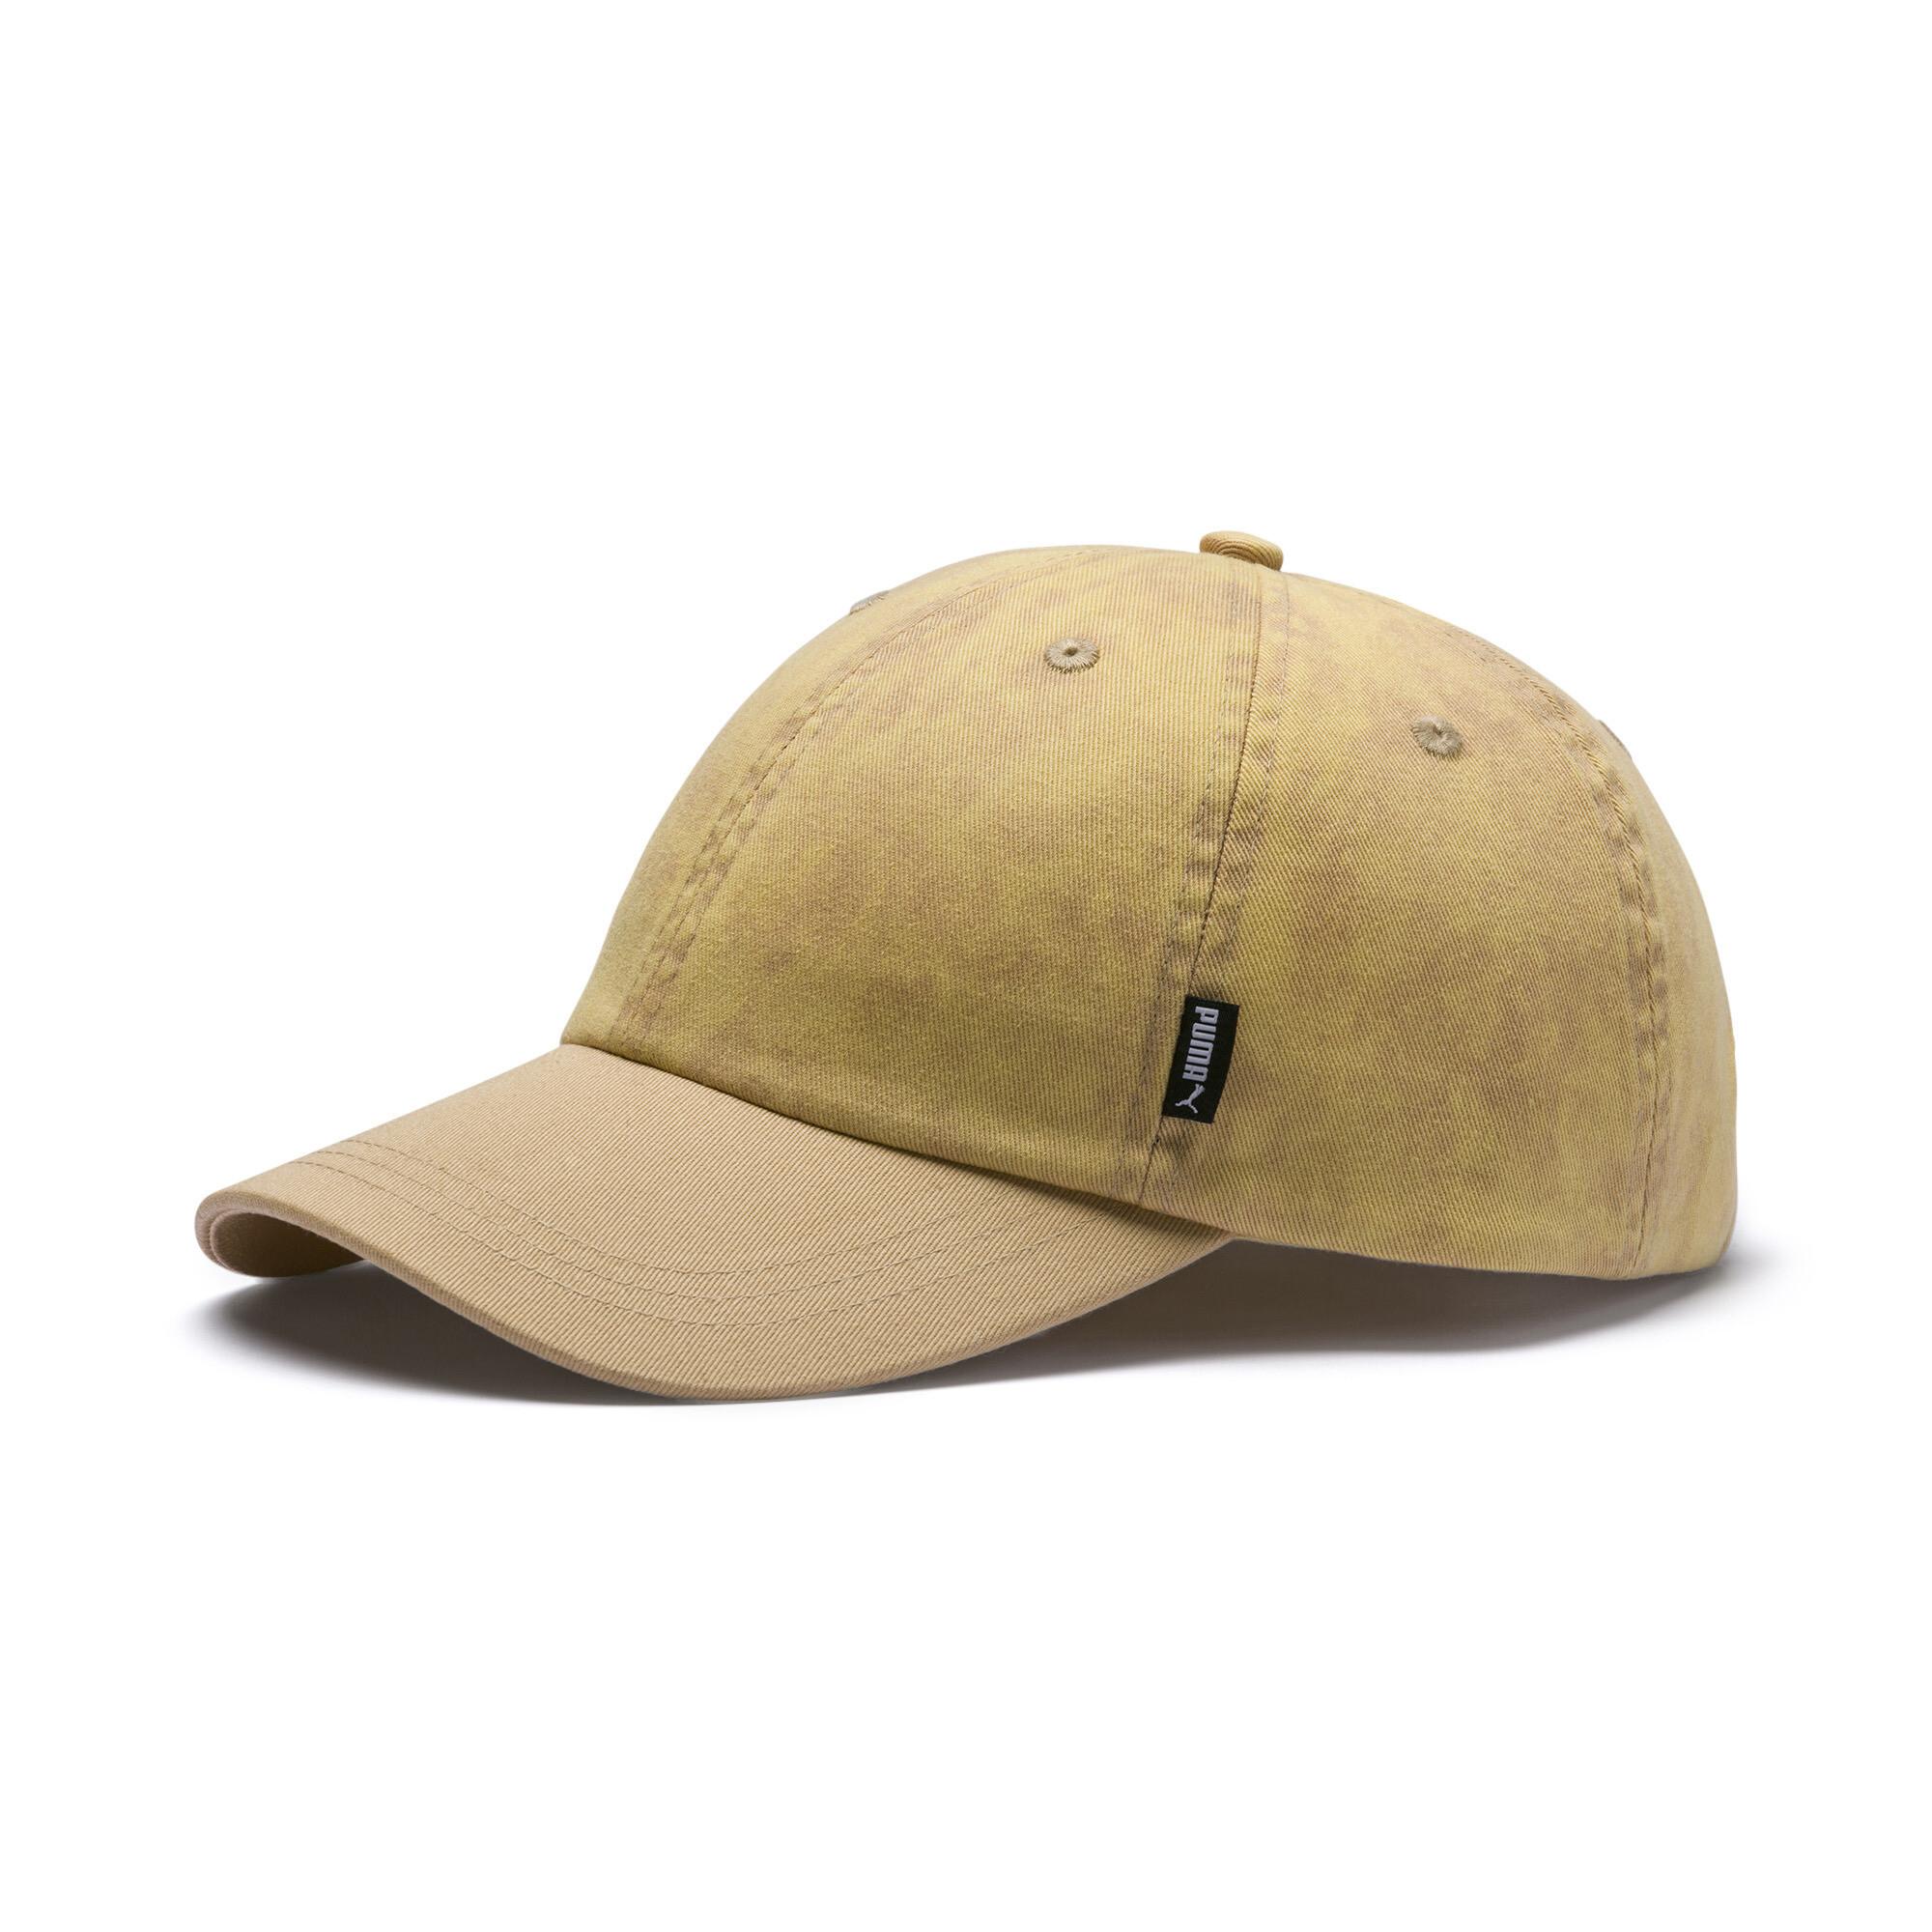 12e5f119 Caps & Hats - Accessories - Mens